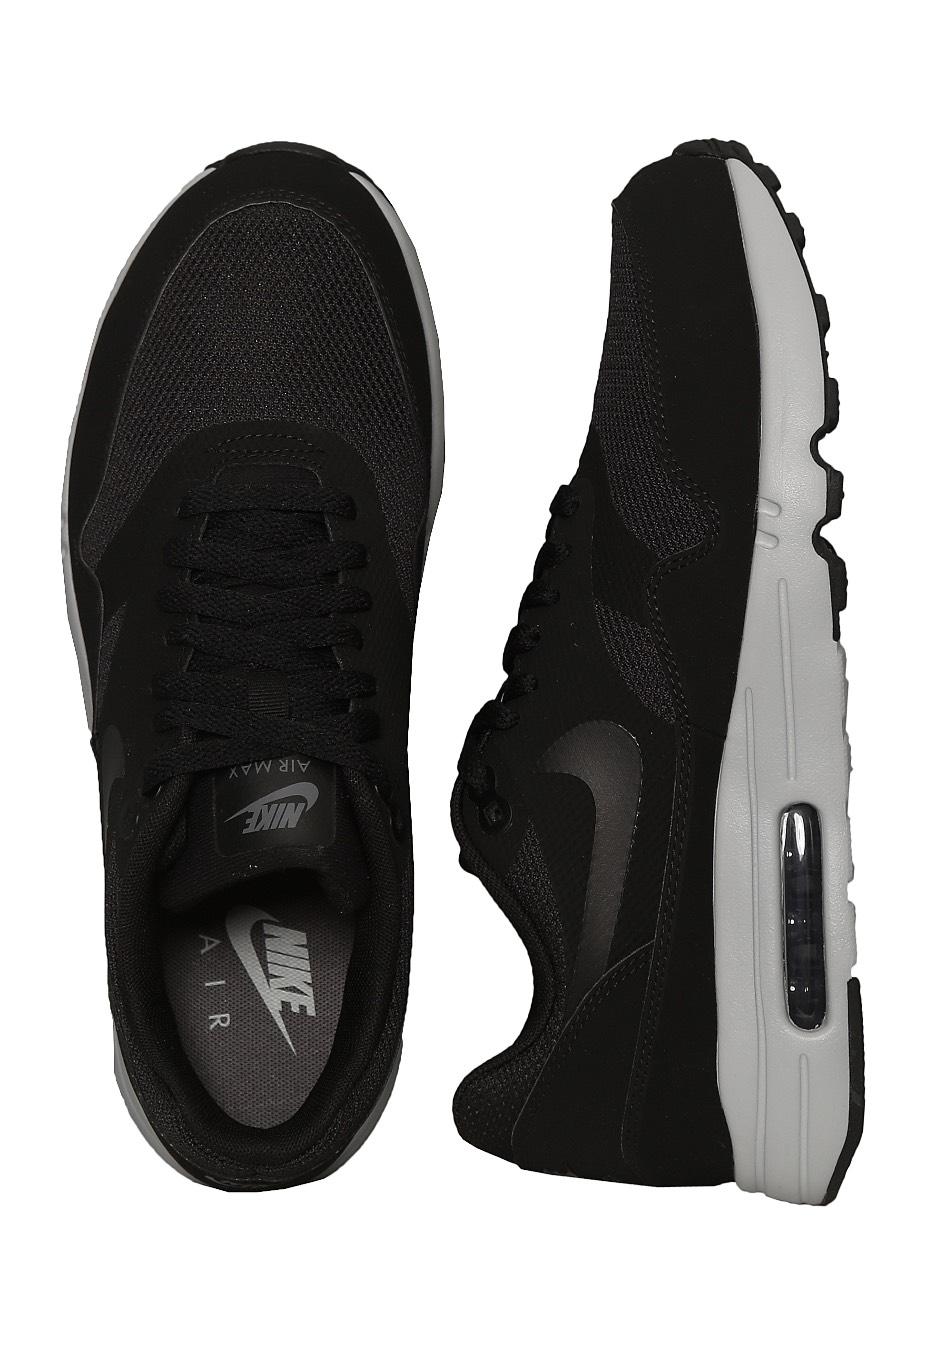 6d0ac387dde248 Nike - Air Max 1 Ultra 2.0 Essential Black Black Wolf Grey Dark Grey -  Shoes - Impericon.com US